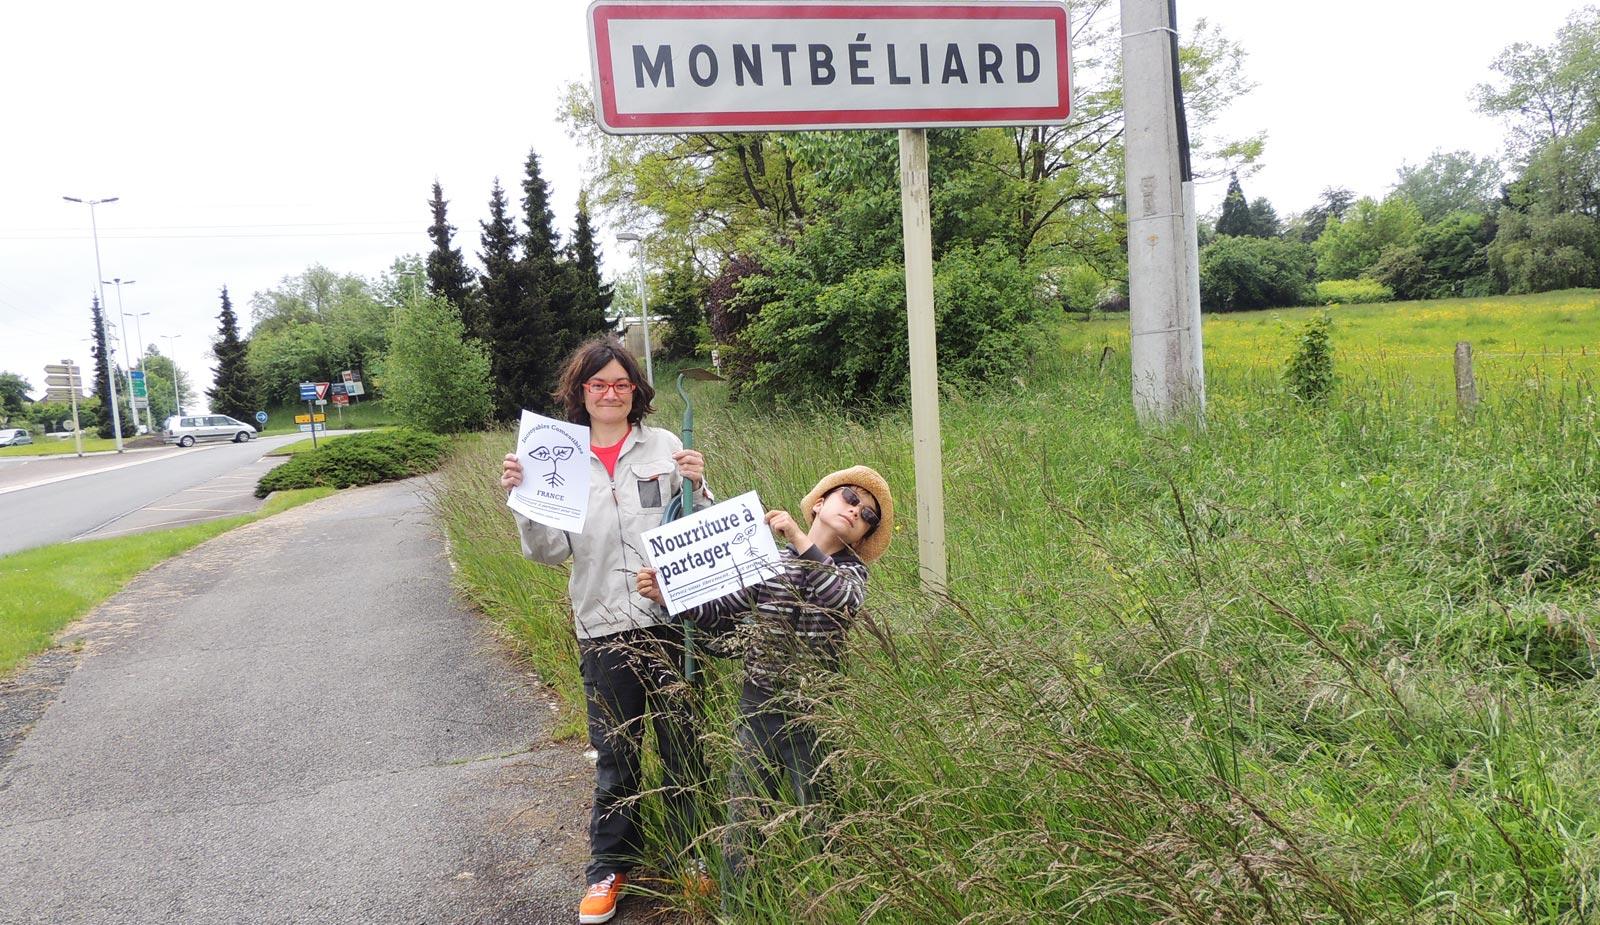 Franche comt les incroyables comestibles les for Montbeliard besancon